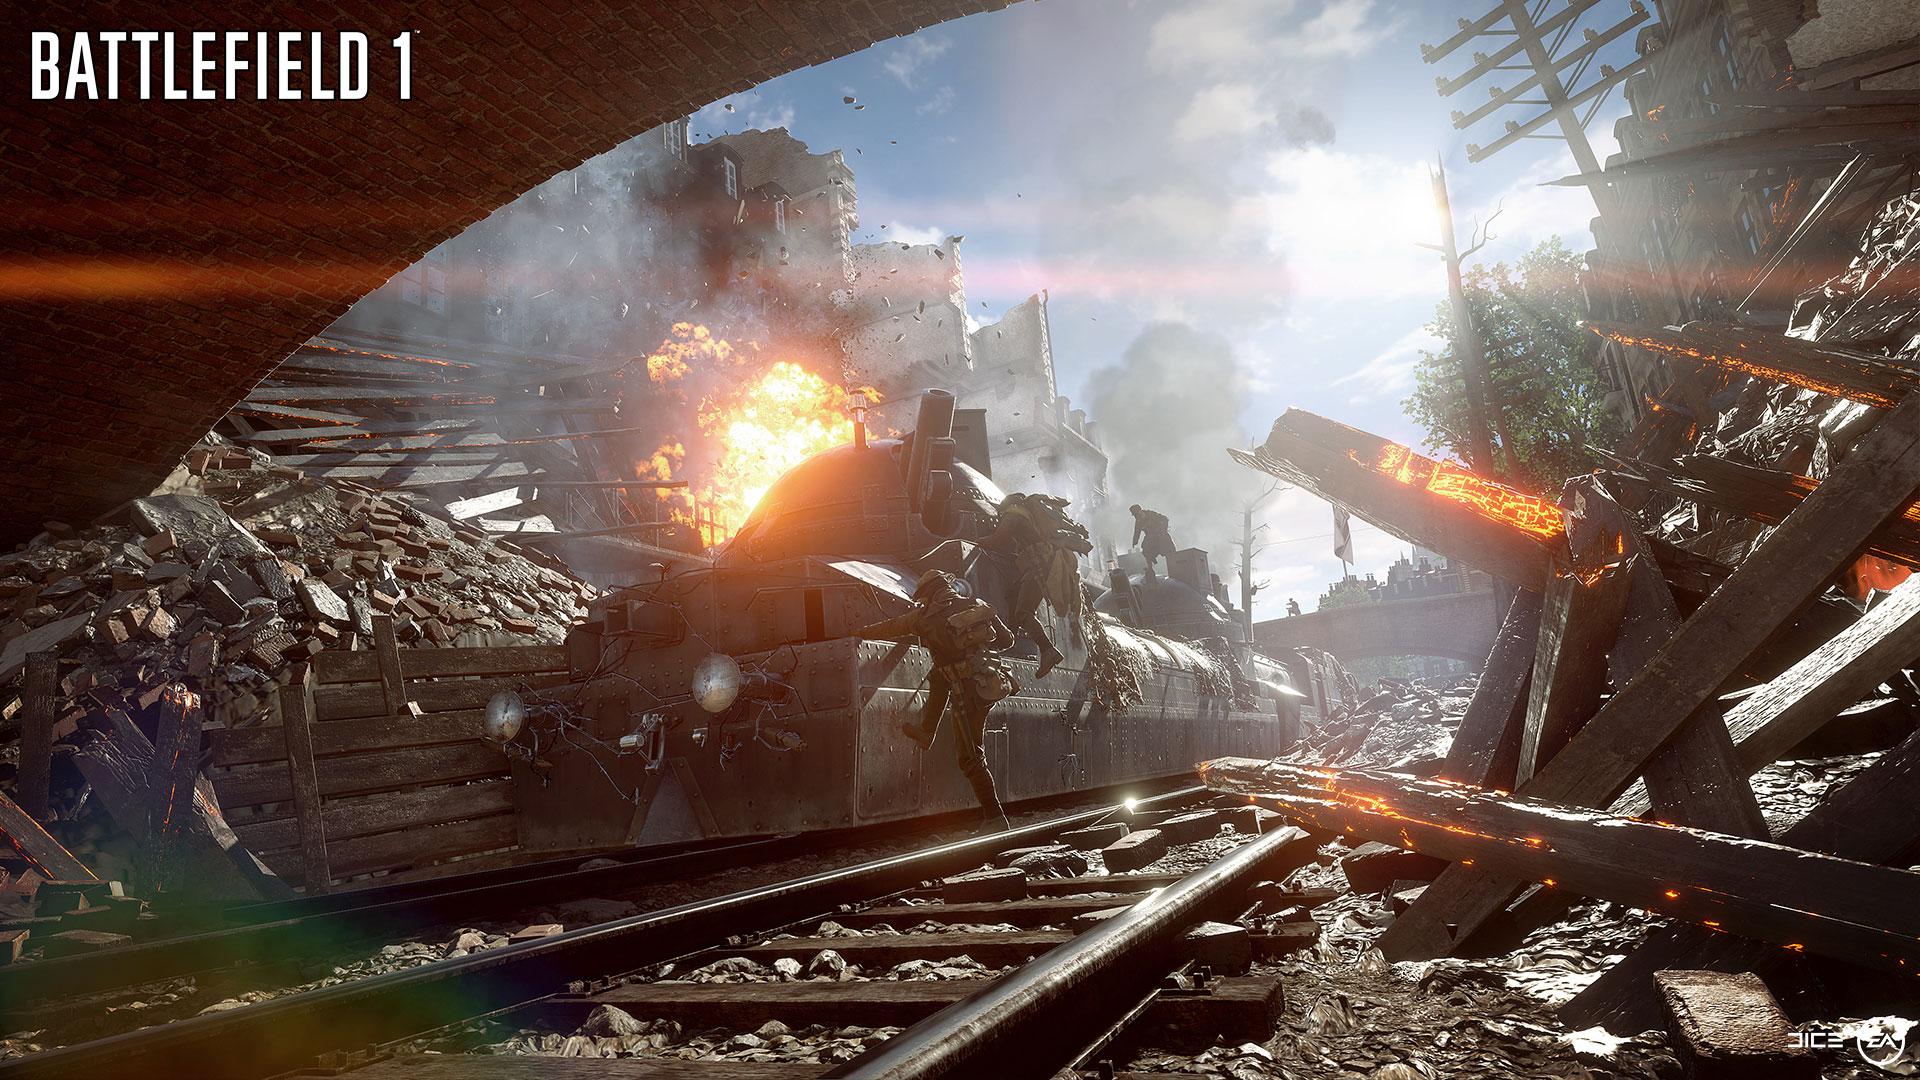 Préféré Battlefield 1 Wallpapers, Pictures, Images WP22